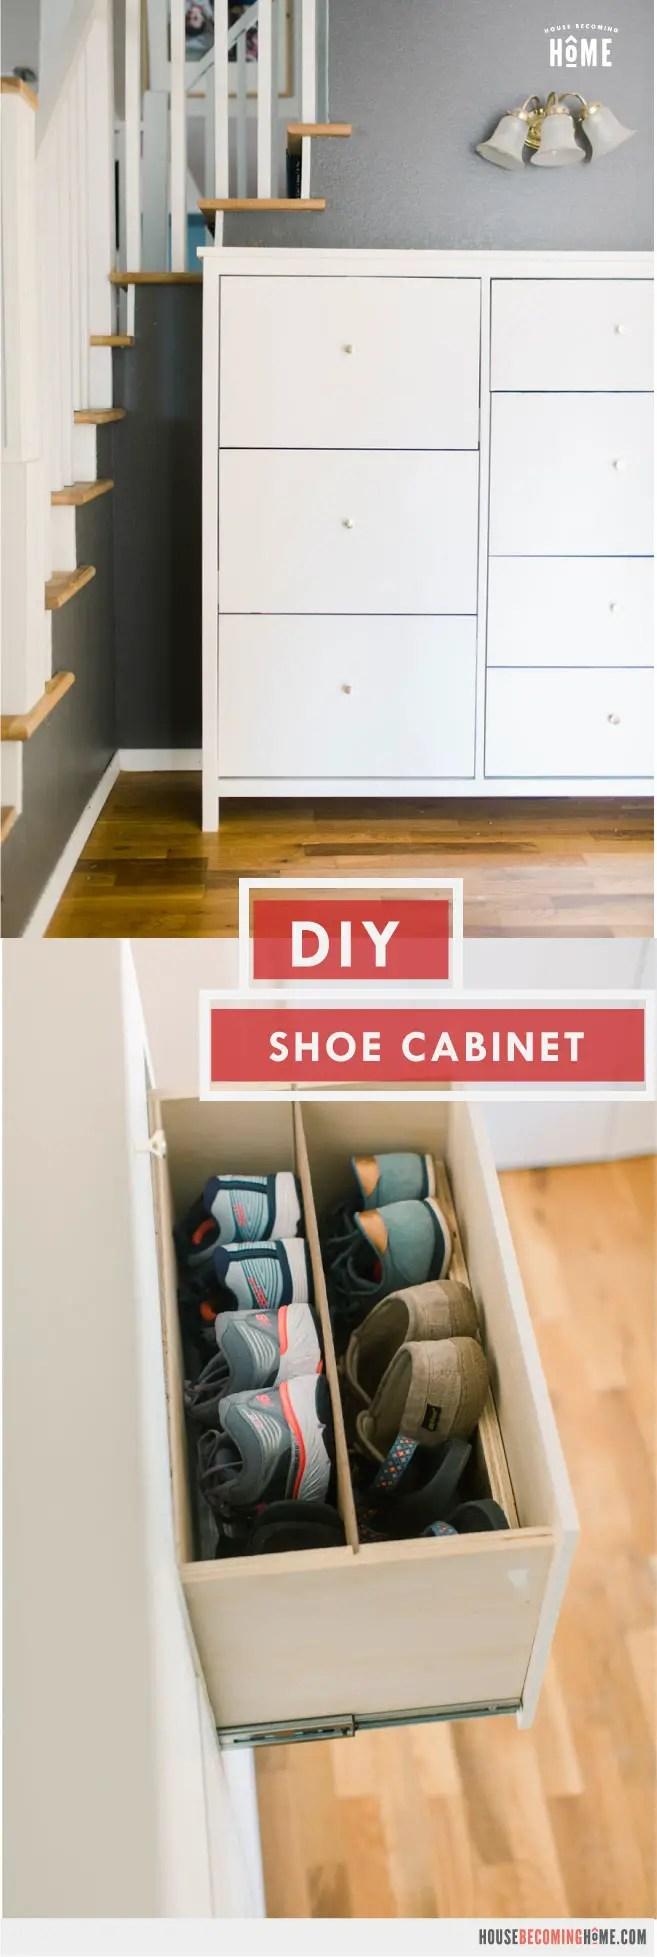 DIY Shoe Cabinet Tutorial